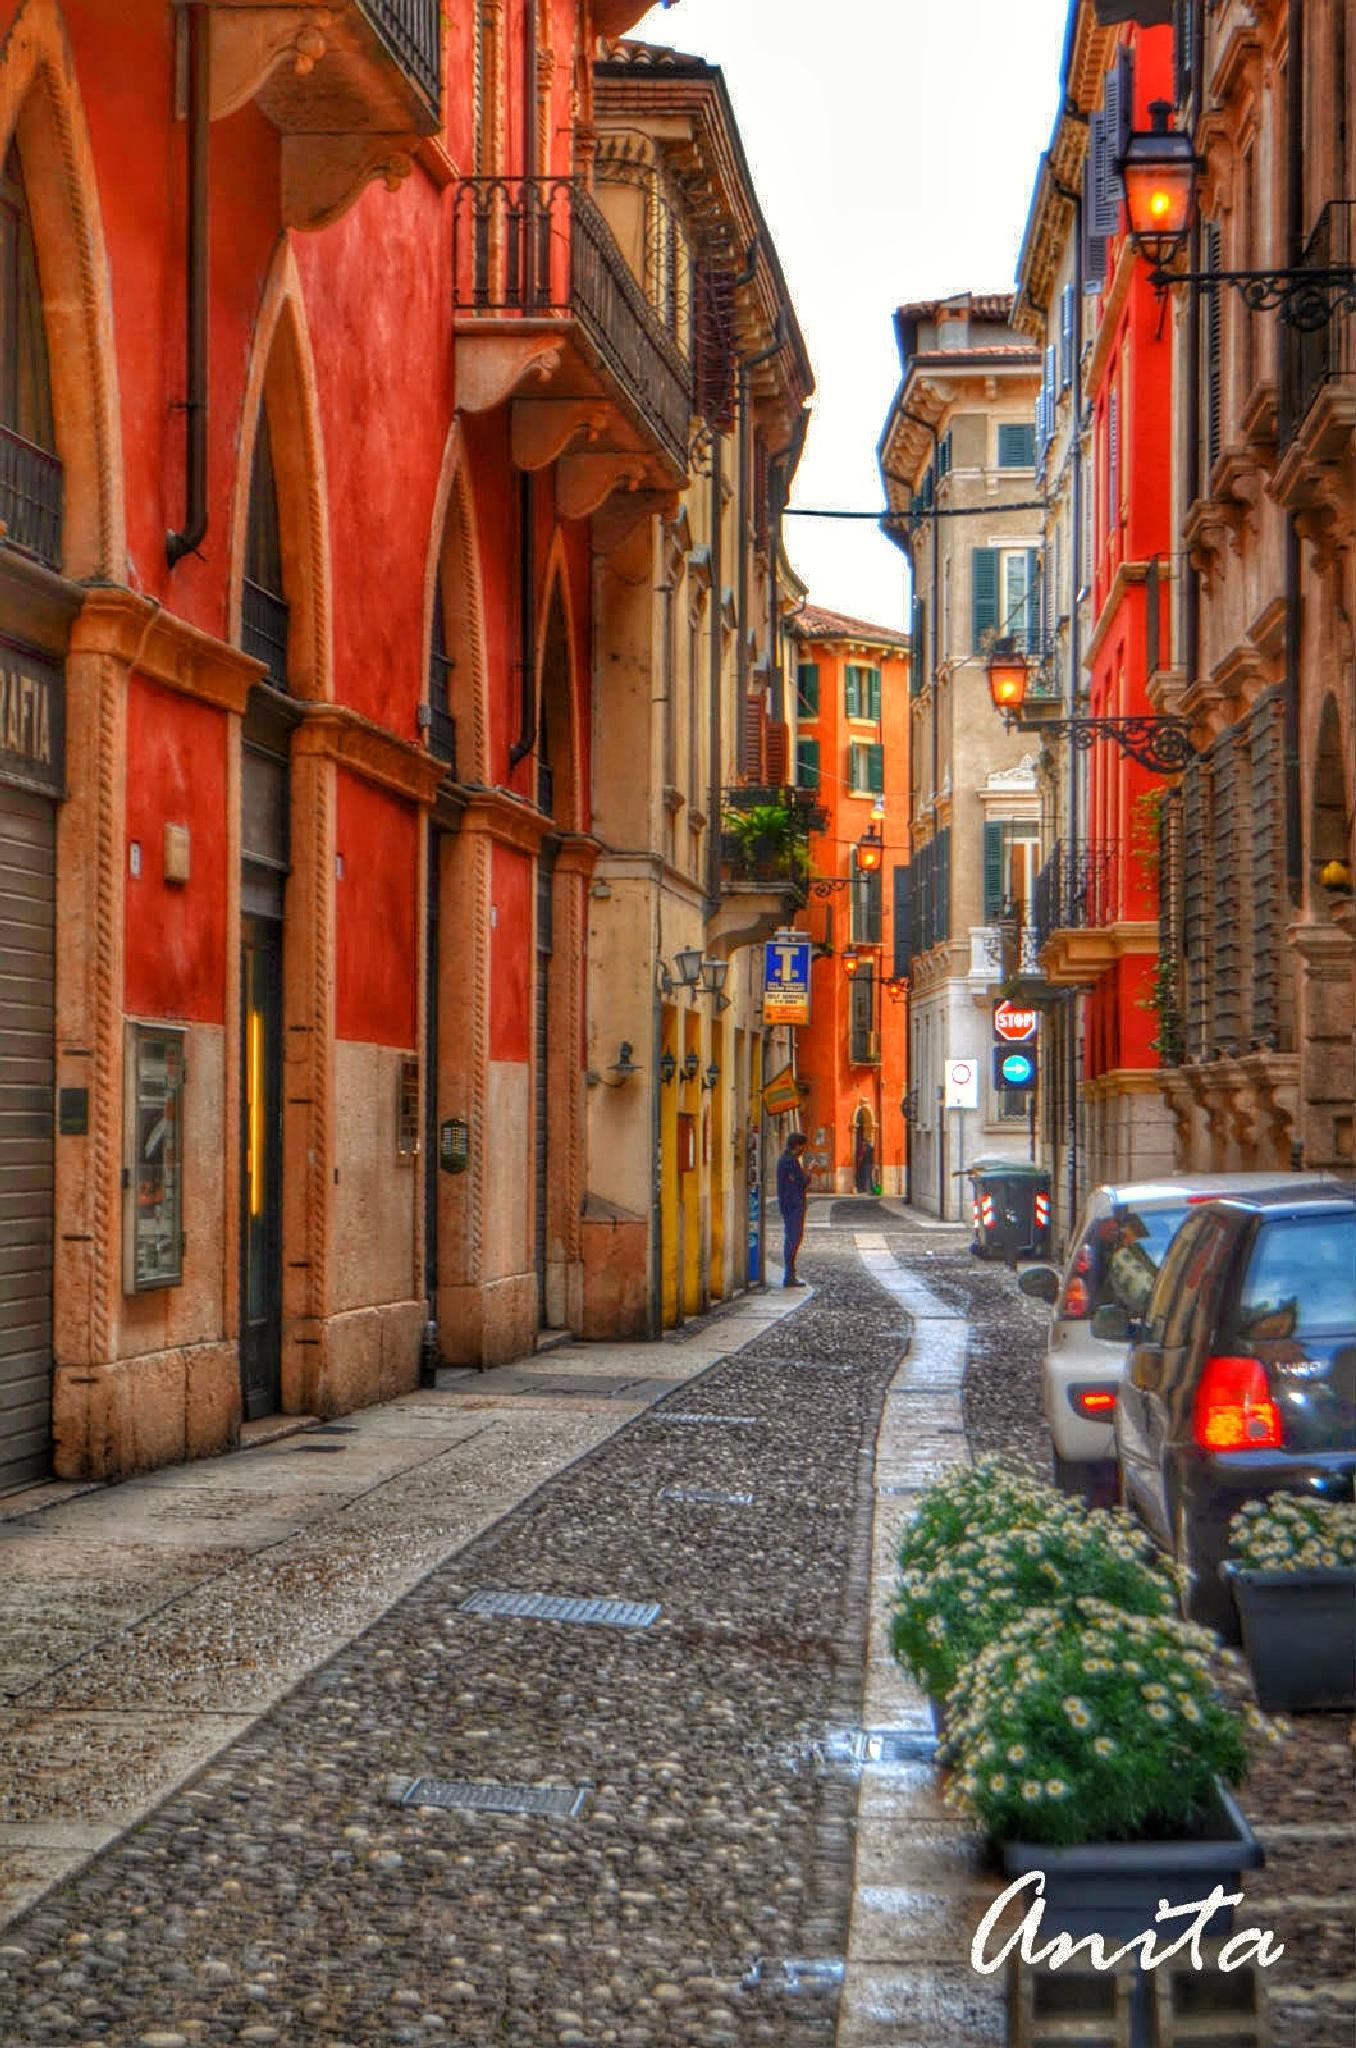 Down the street by estellien9